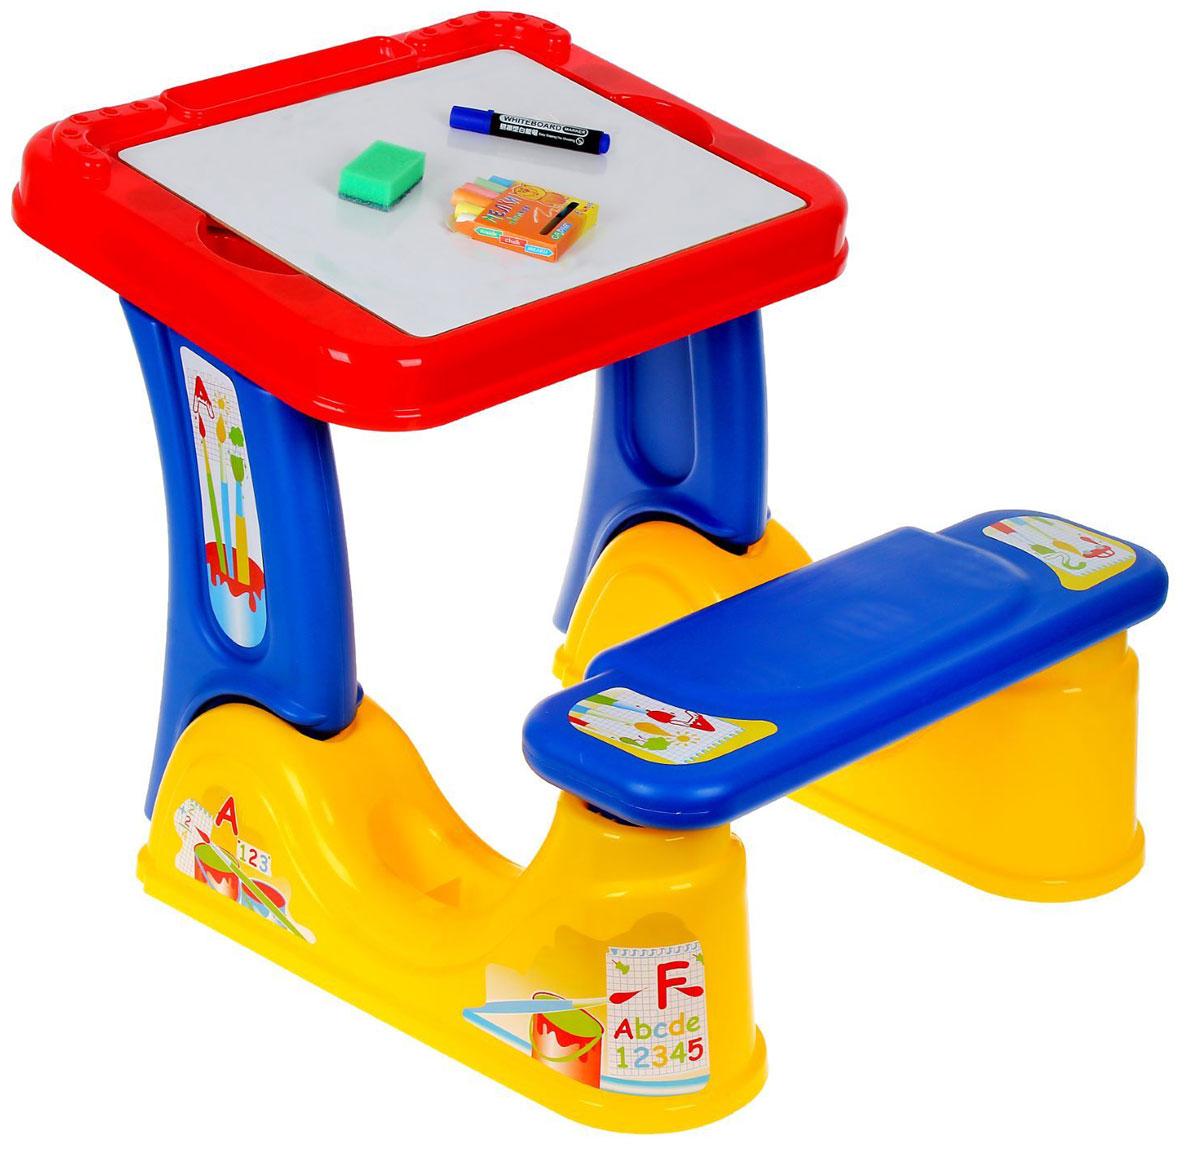 Полесье Набор дошкольника с принадлежностями цвет красный синий желтый -  Детская комната